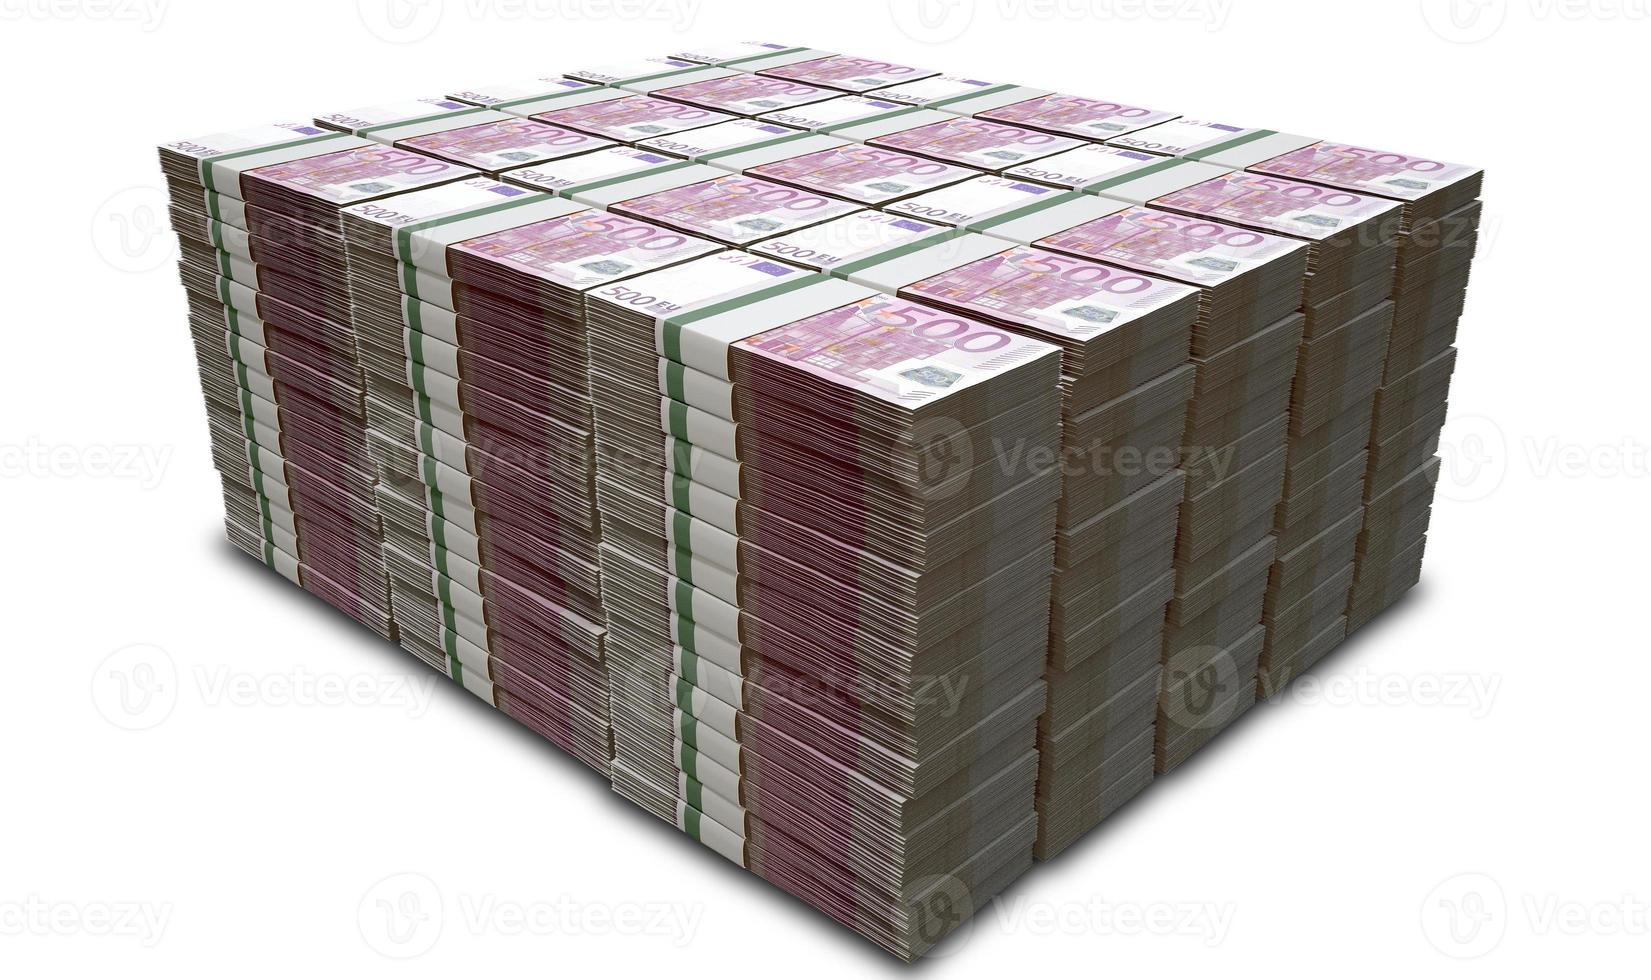 eurobiljetten stapel foto